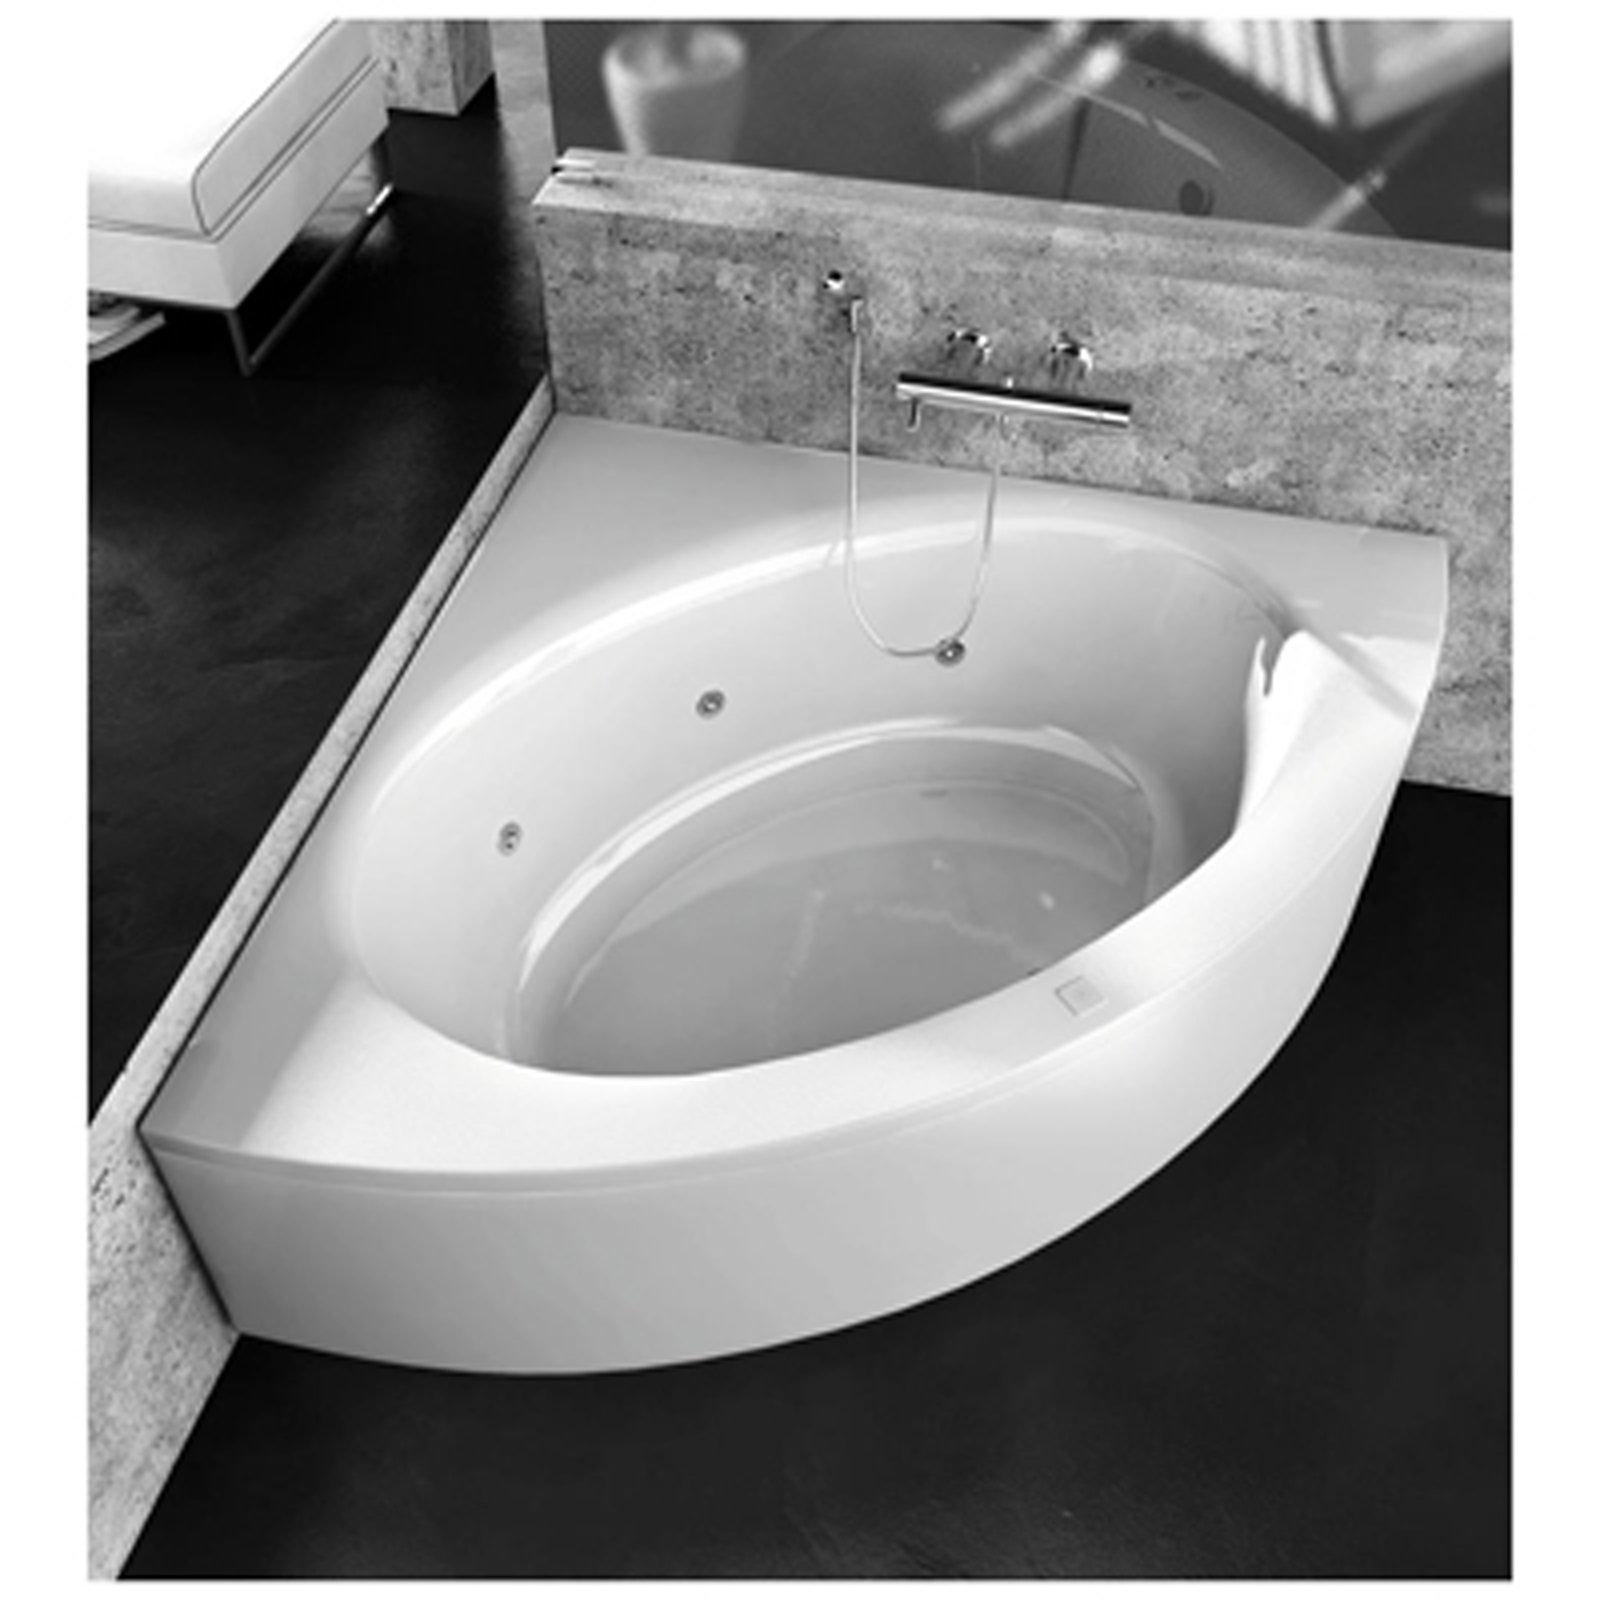 Vasca idromassaggio cosa serve per installarla cose di casa - Vasche da bagno ideal standard prezzi ...